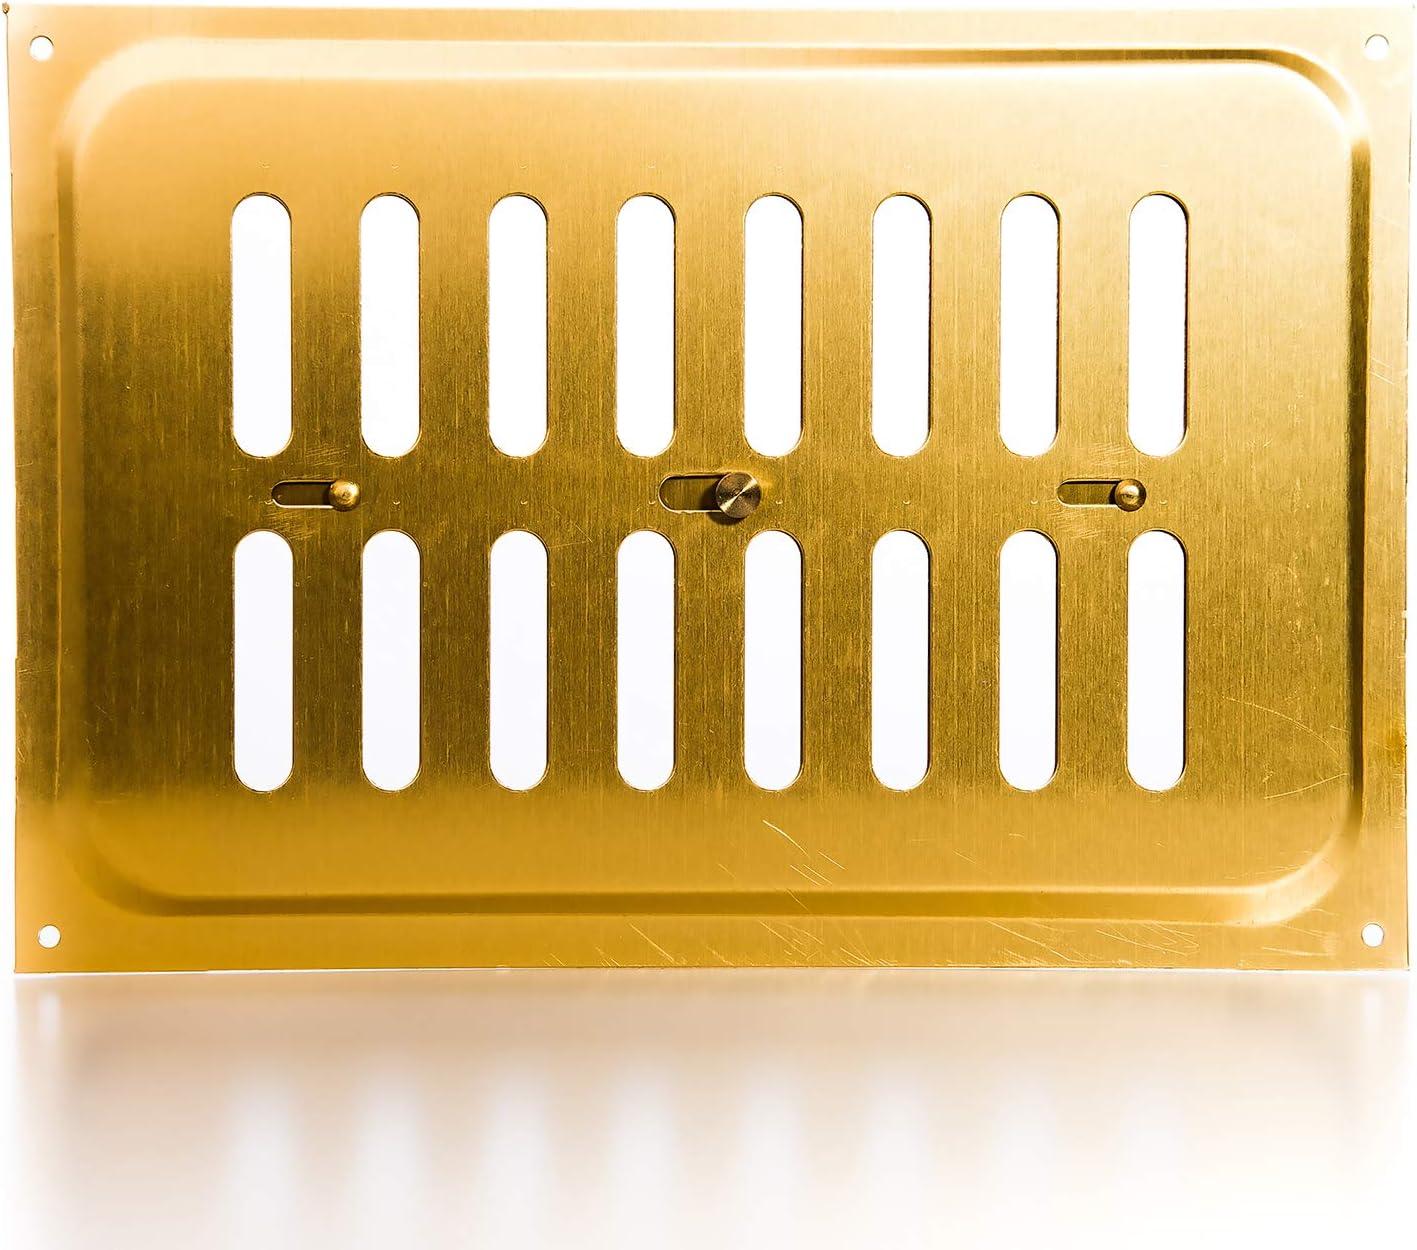 Maison Cuisine Gedotec Grille Aeration Rectangulaire 300x60mm Bureau 1 Pi/èce Bouche de Ventilation pour Mur Aluminium Inoxydable Laiton Anodis/é Dor/é Salon Porte de Salle de Bain Sauna